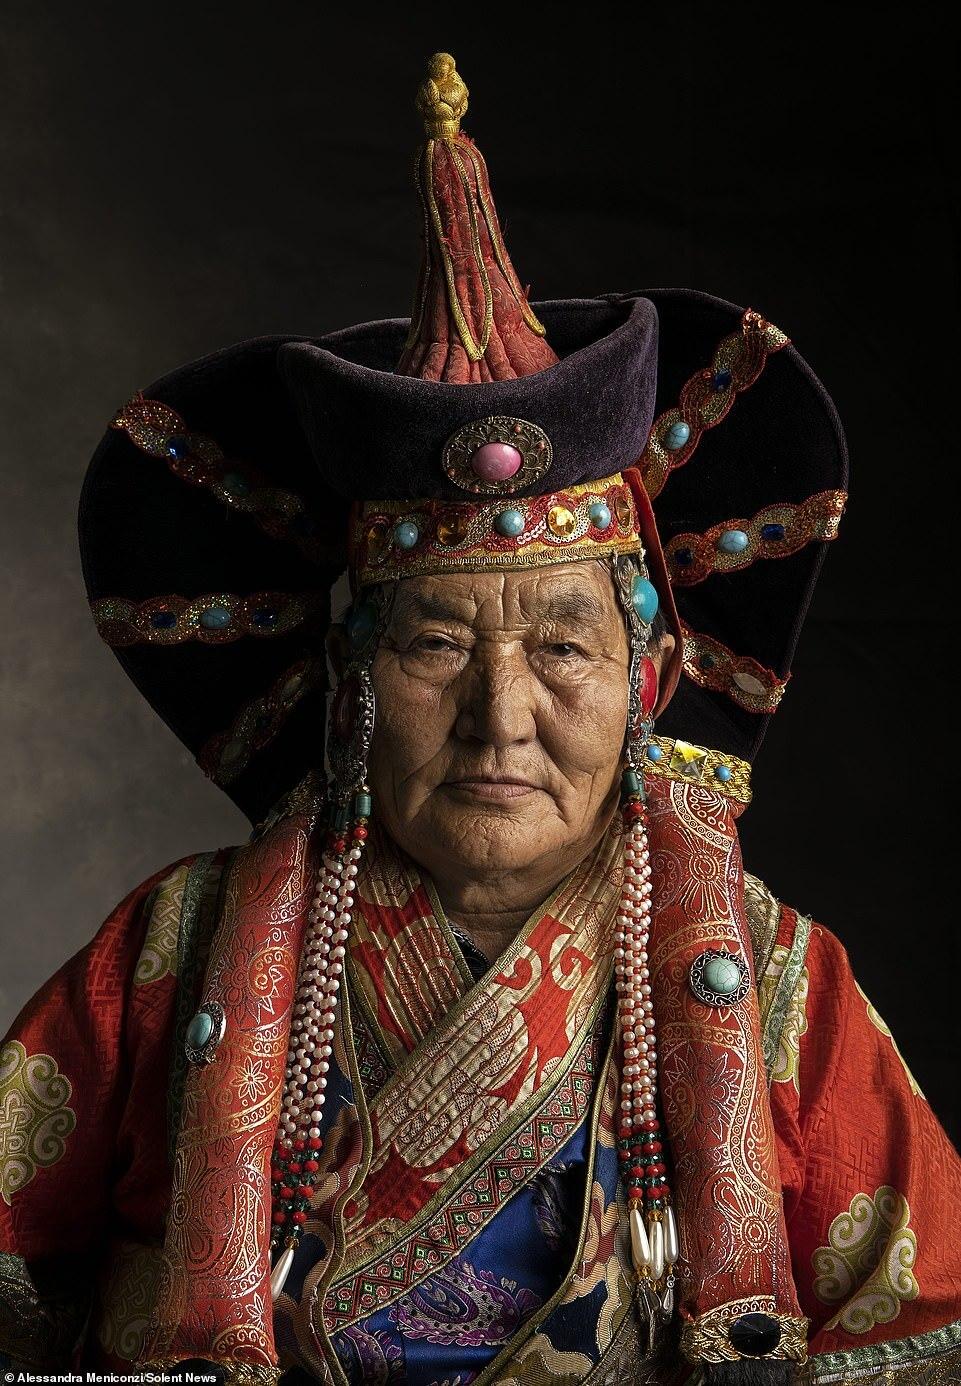 Những bộ đồ màu sắc rực rỡ với đầy phụ kiện tinh tế này vẫn là món đồ được lưu truyền qua nhiều thế hệ. Meniconzi đã chụp rất nhiều bức ảnh chân dung và tập hợp thành album riêng về những bộ trang phục truyền thống đẹp mắt của người Mông Cổ.